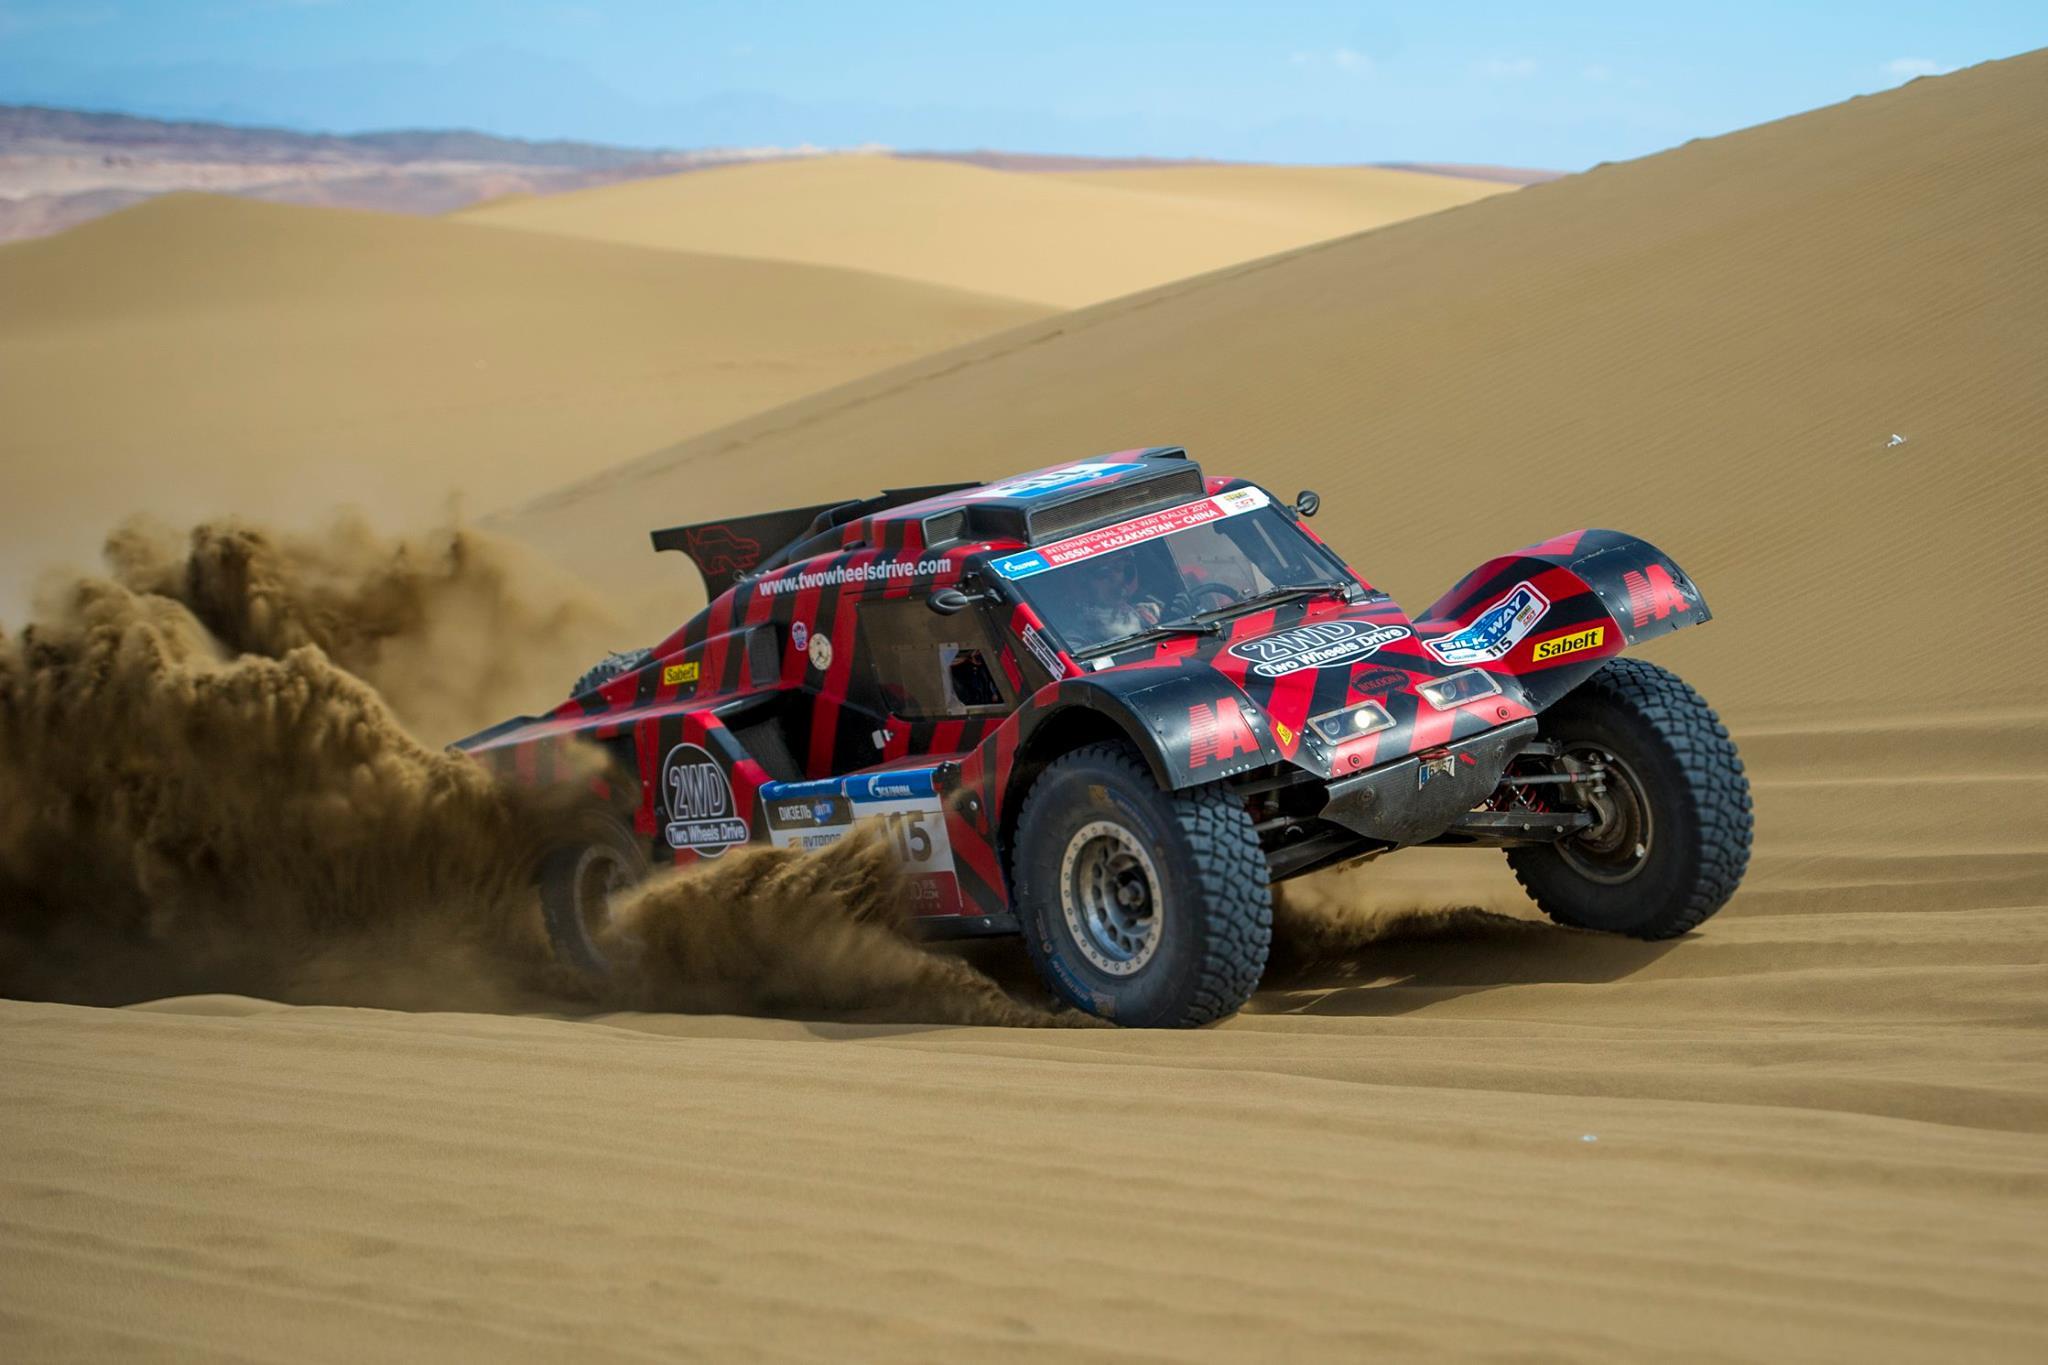 Le Buggy 2WD gagne une spéciale sur le Silk Way Rally 2017